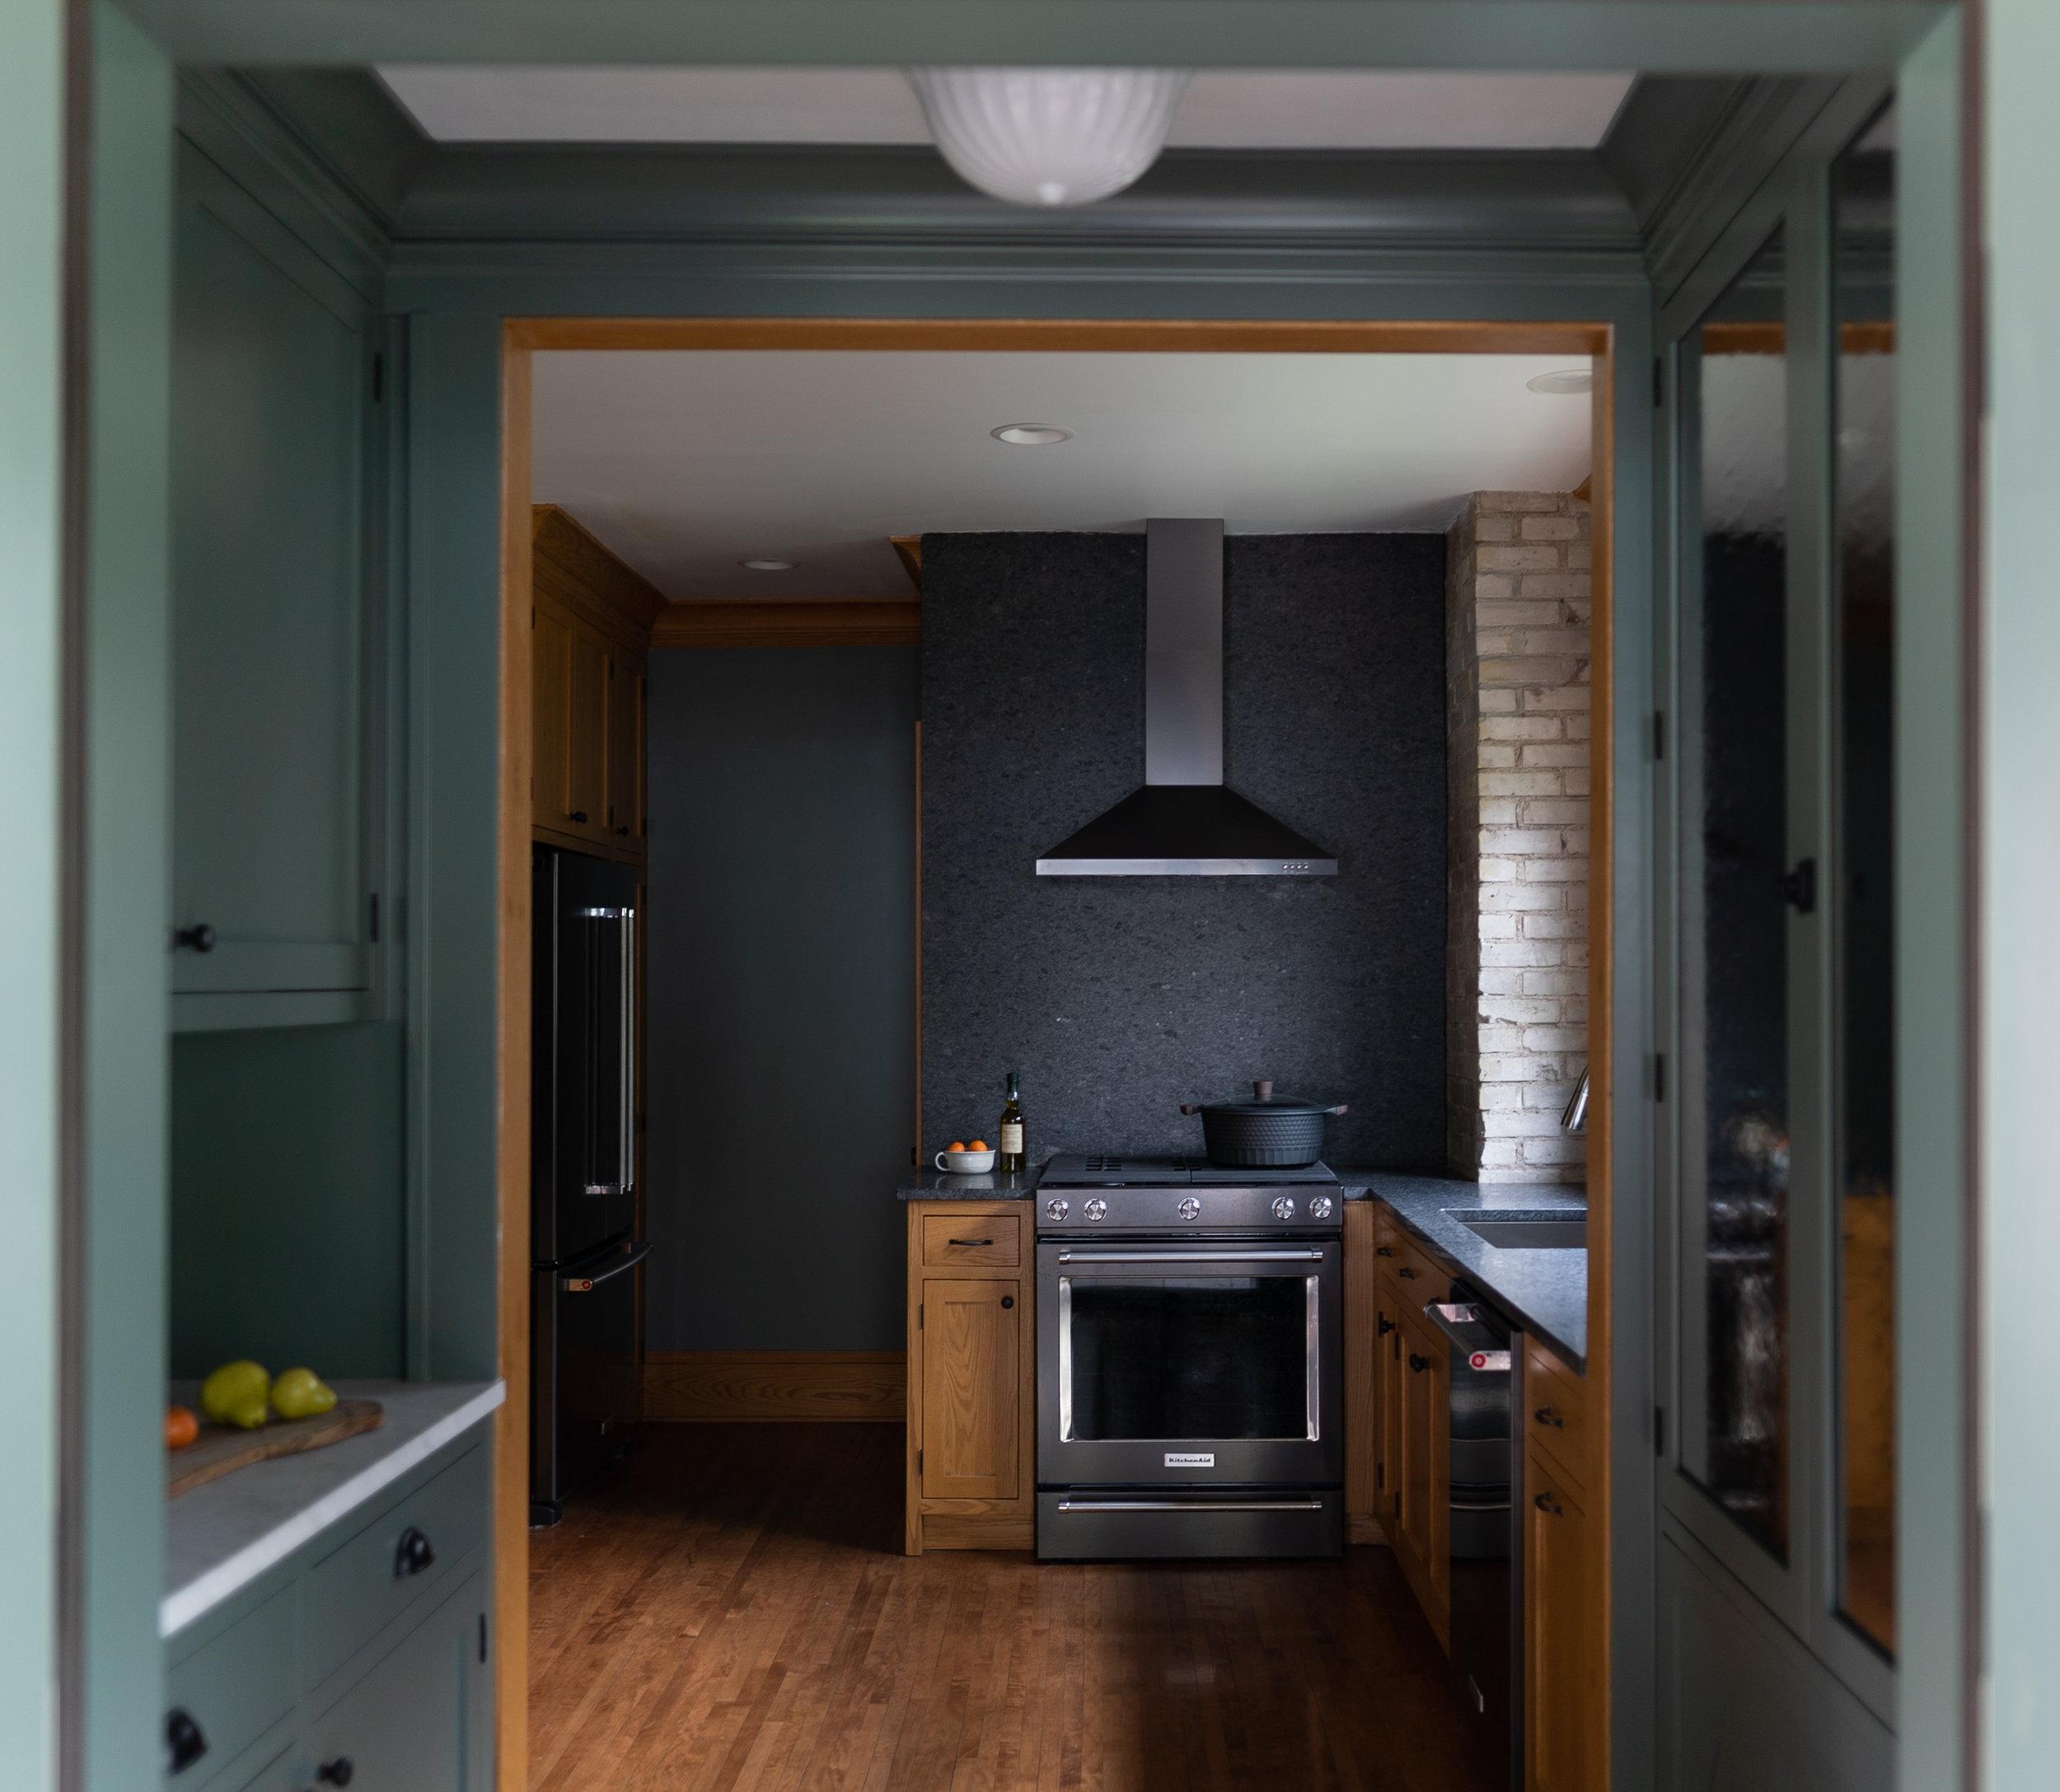 sargent craftsman kitchen